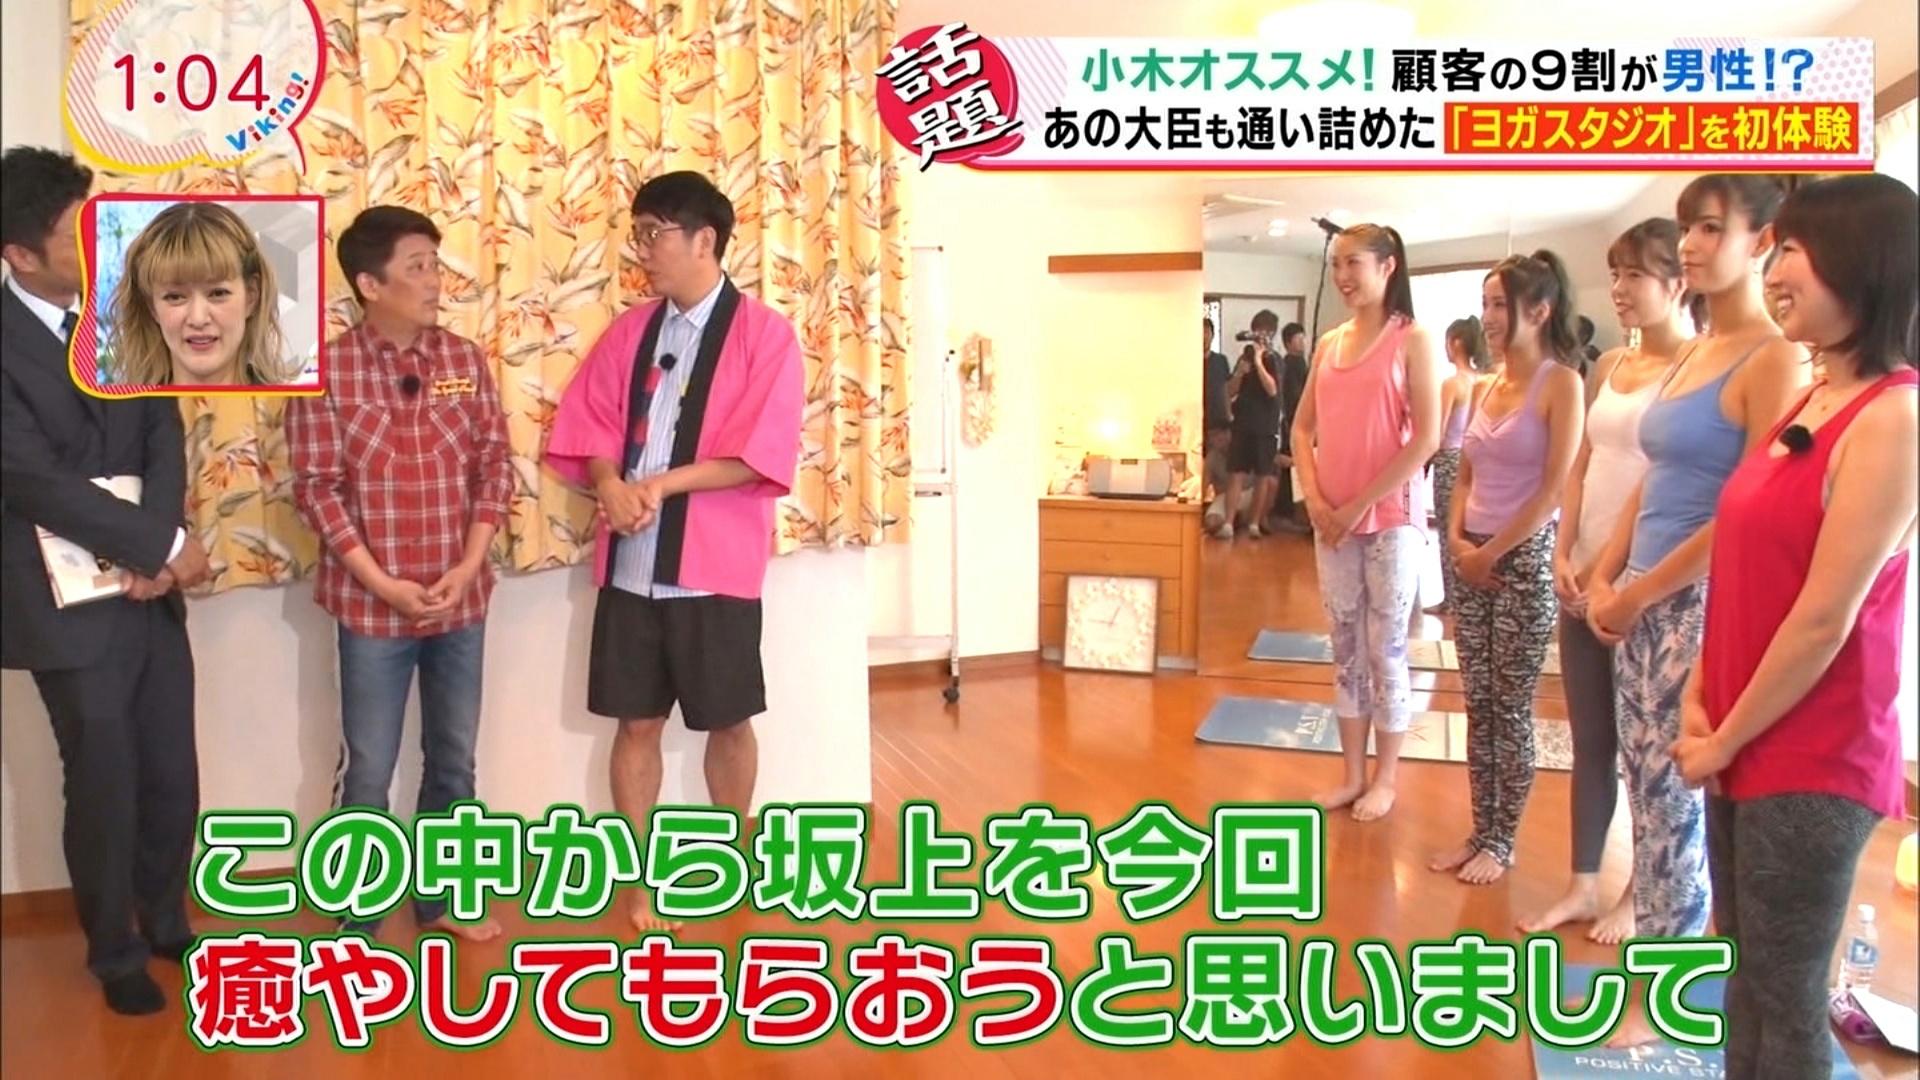 2019年8月14日に放送された「バイキング」に出演した庄司ゆうこさんのテレビキャプチャー画像-098